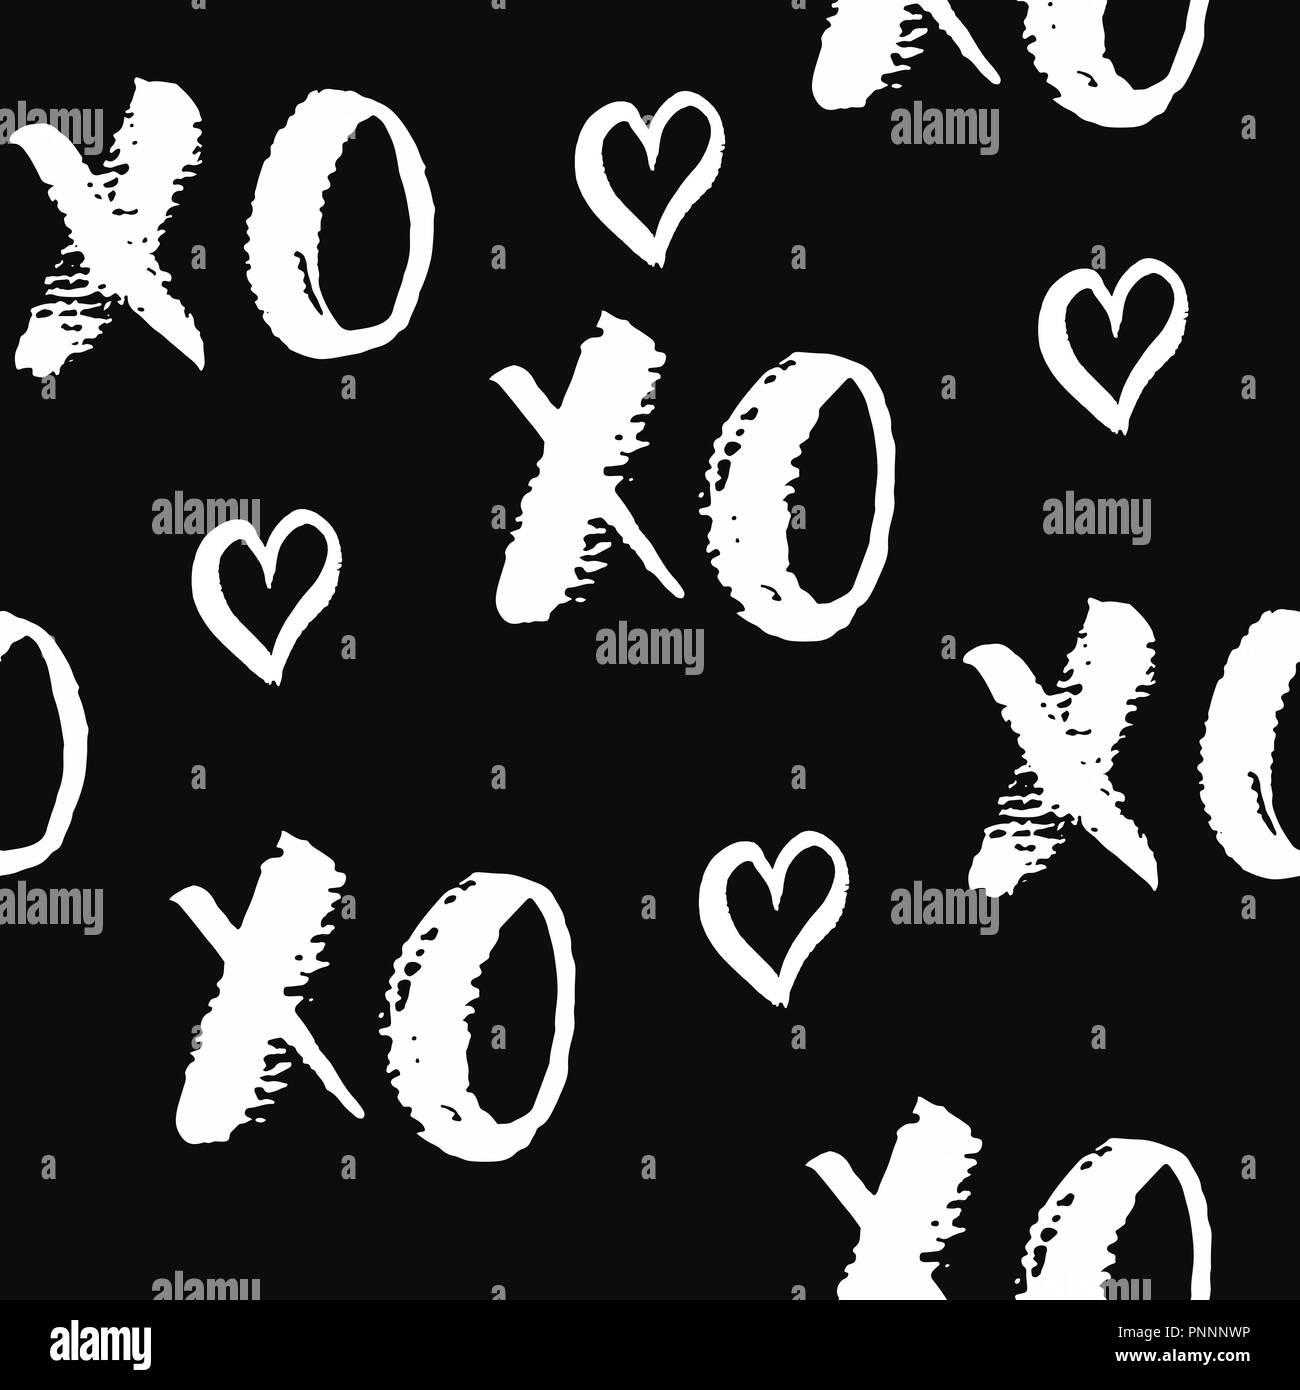 slang symbols